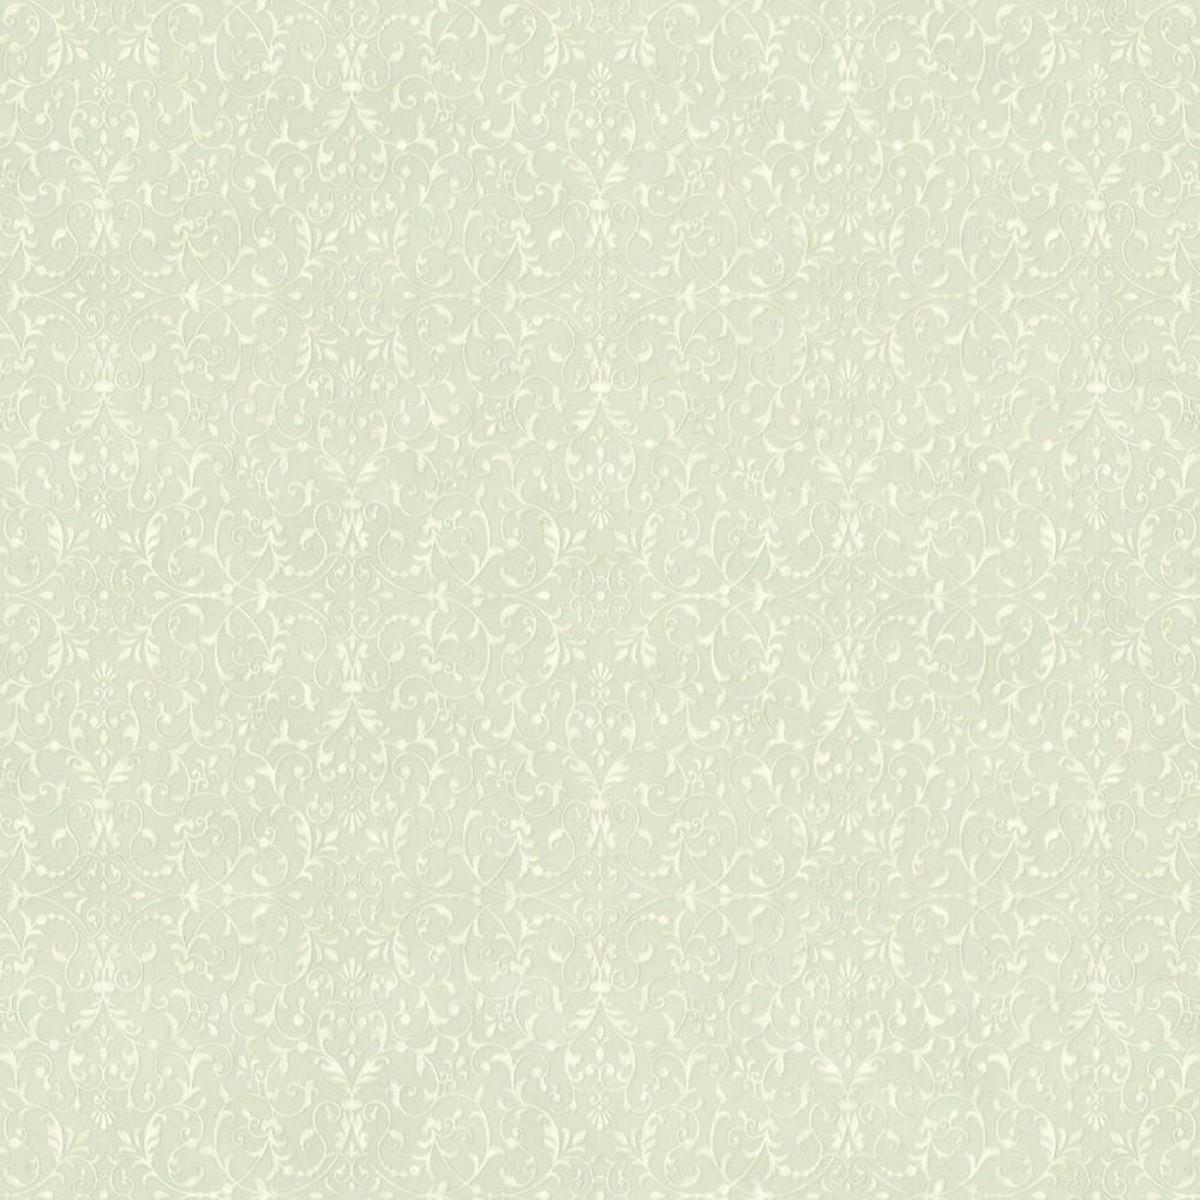 Обои флизелиновые Rasch Maximum XV зеленые 1.06 м 959635